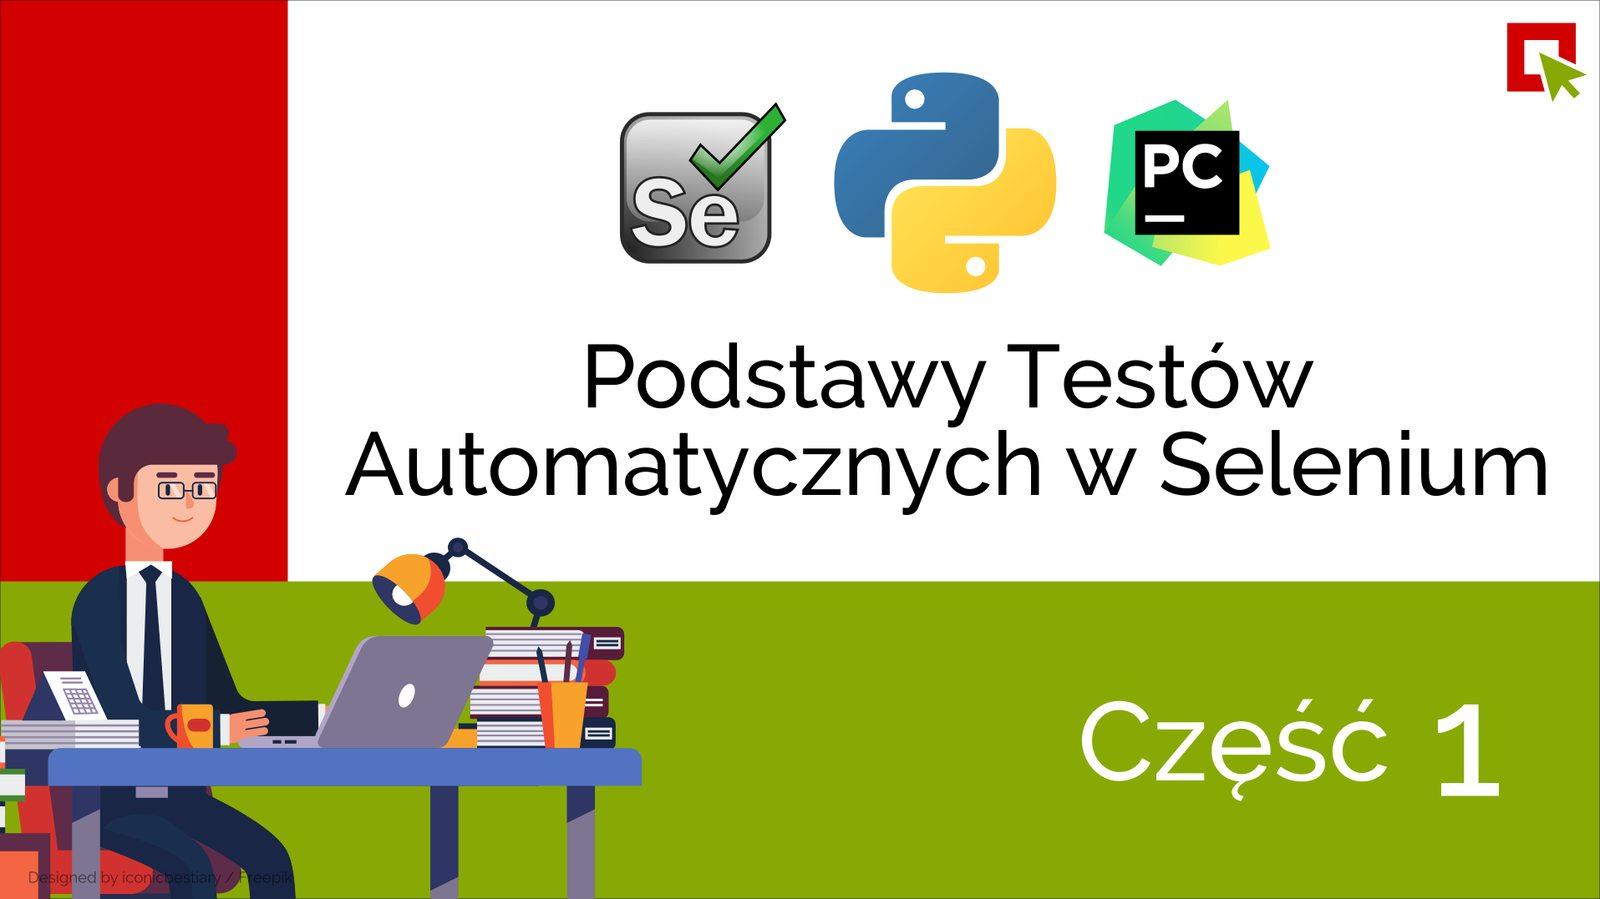 Podstawy Testów Automatycznych w Selenium i Python cz. 1 – Twój pierwszy test automatyczny